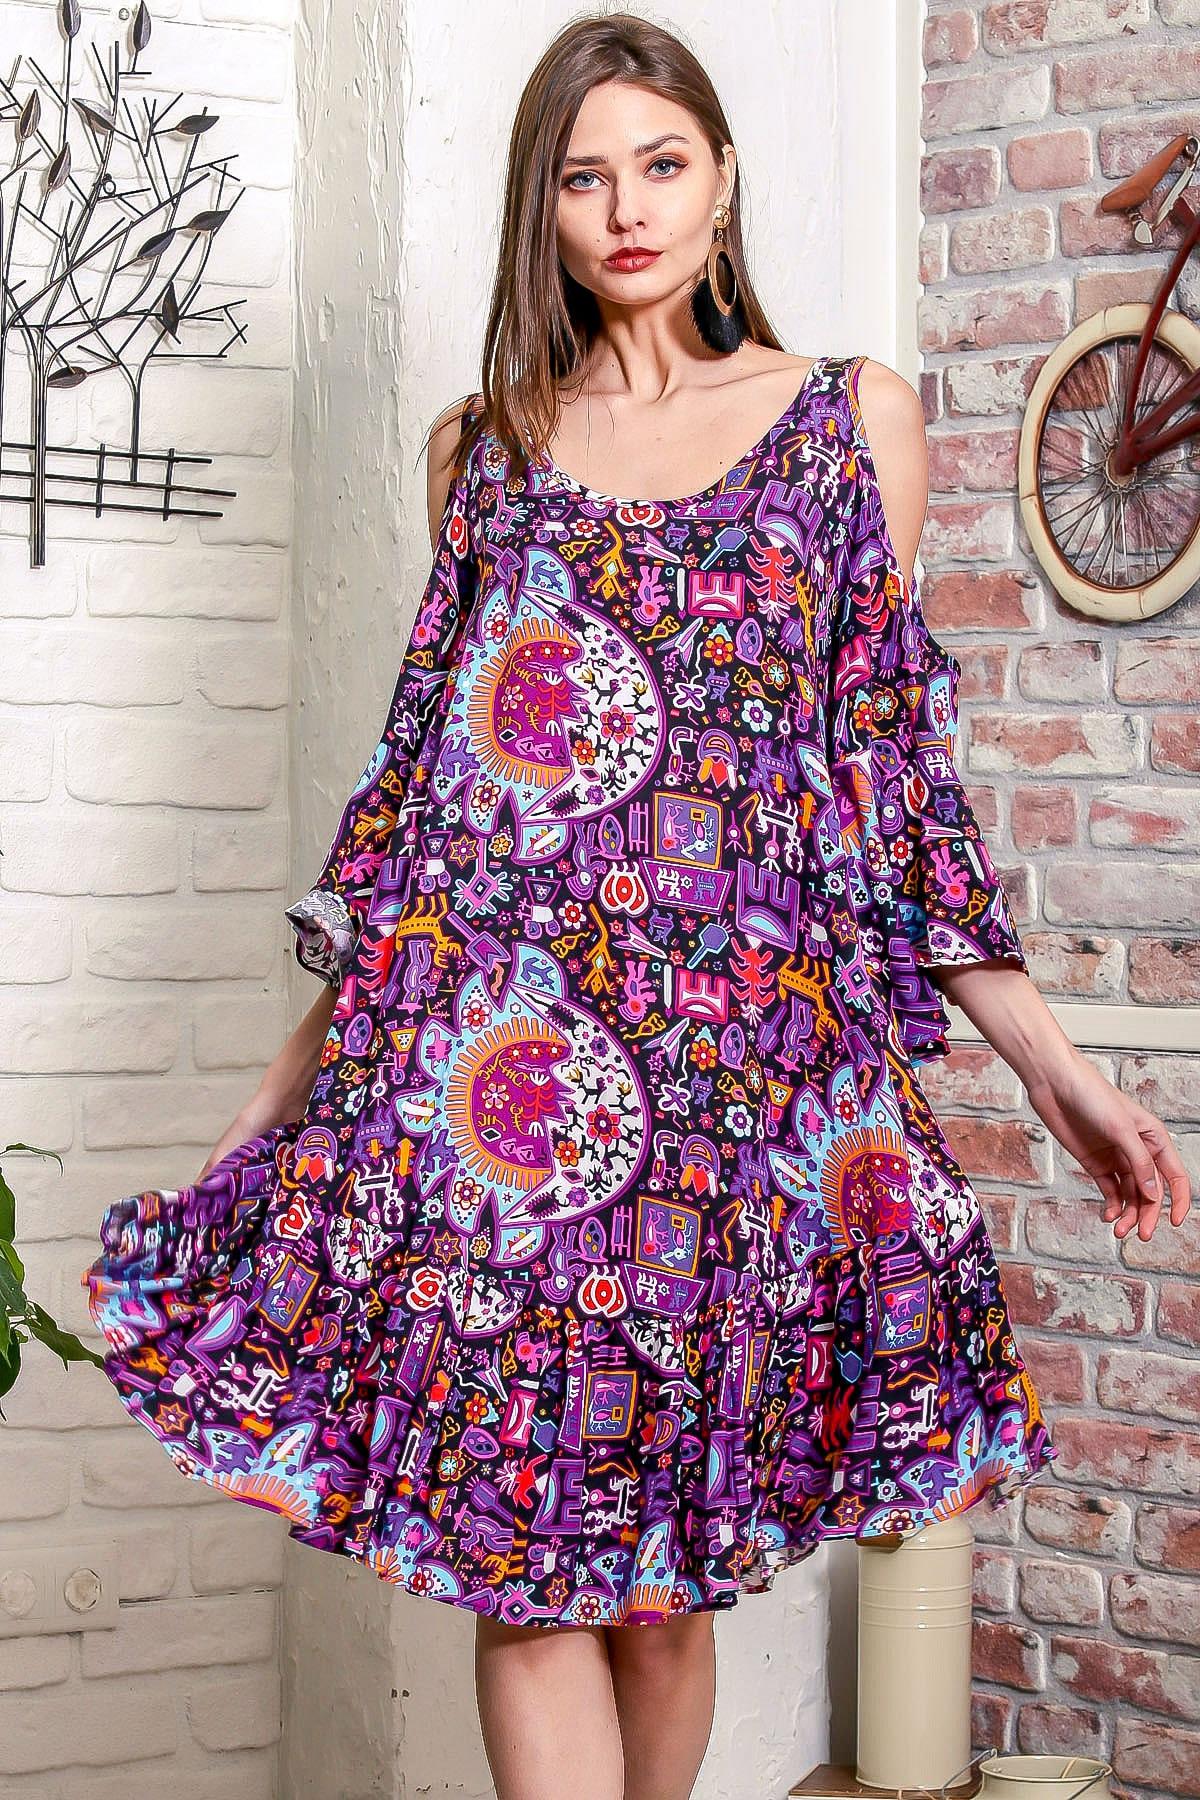 Chiccy Kadın Mor Omuzları Pencereli Güneş Desen Kolları Volanlı Salaş Elbise